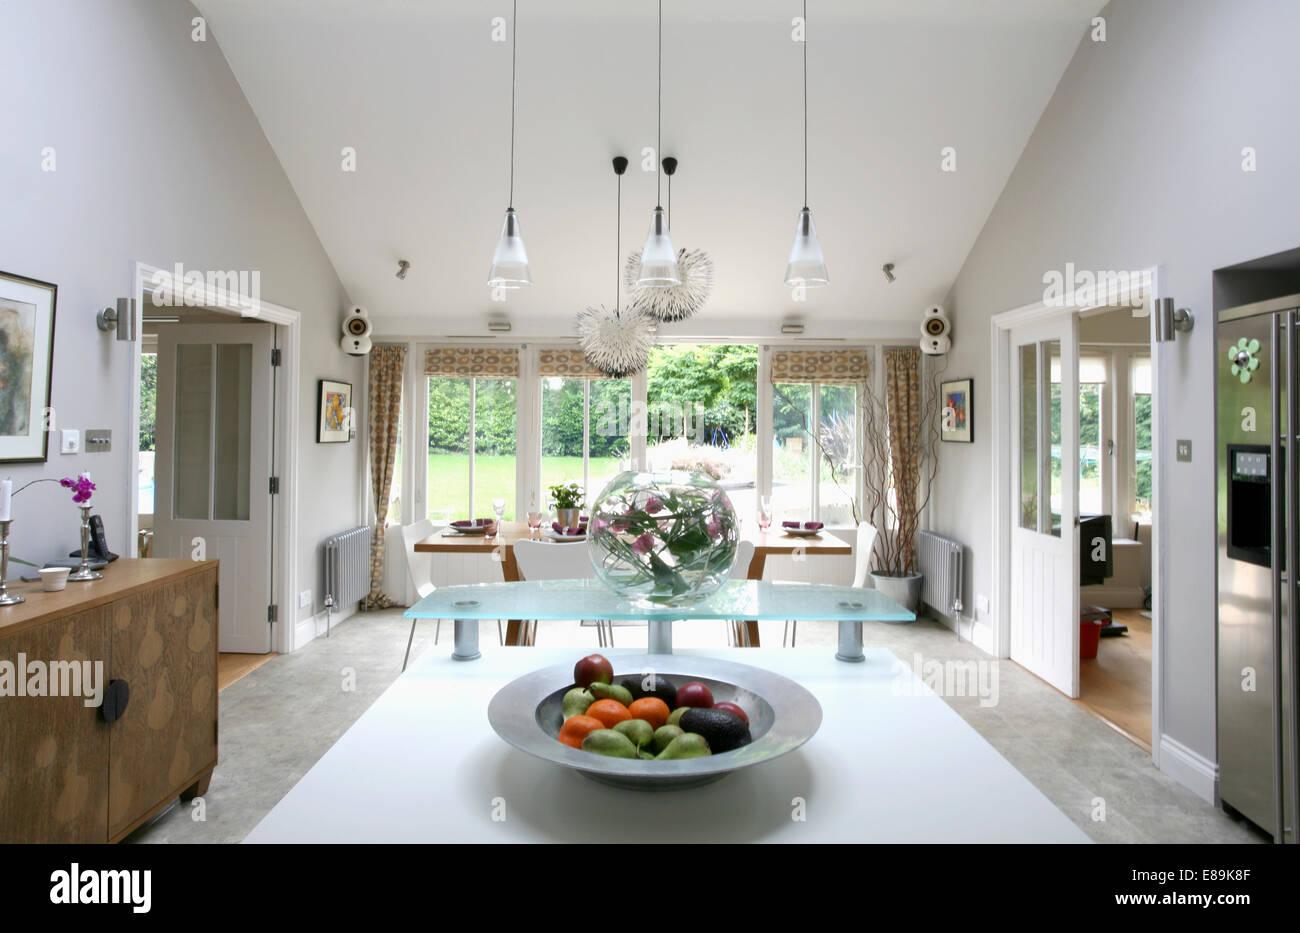 Anhänger Beleuchtung über Insel Gerät in große, moderne Küche und ...